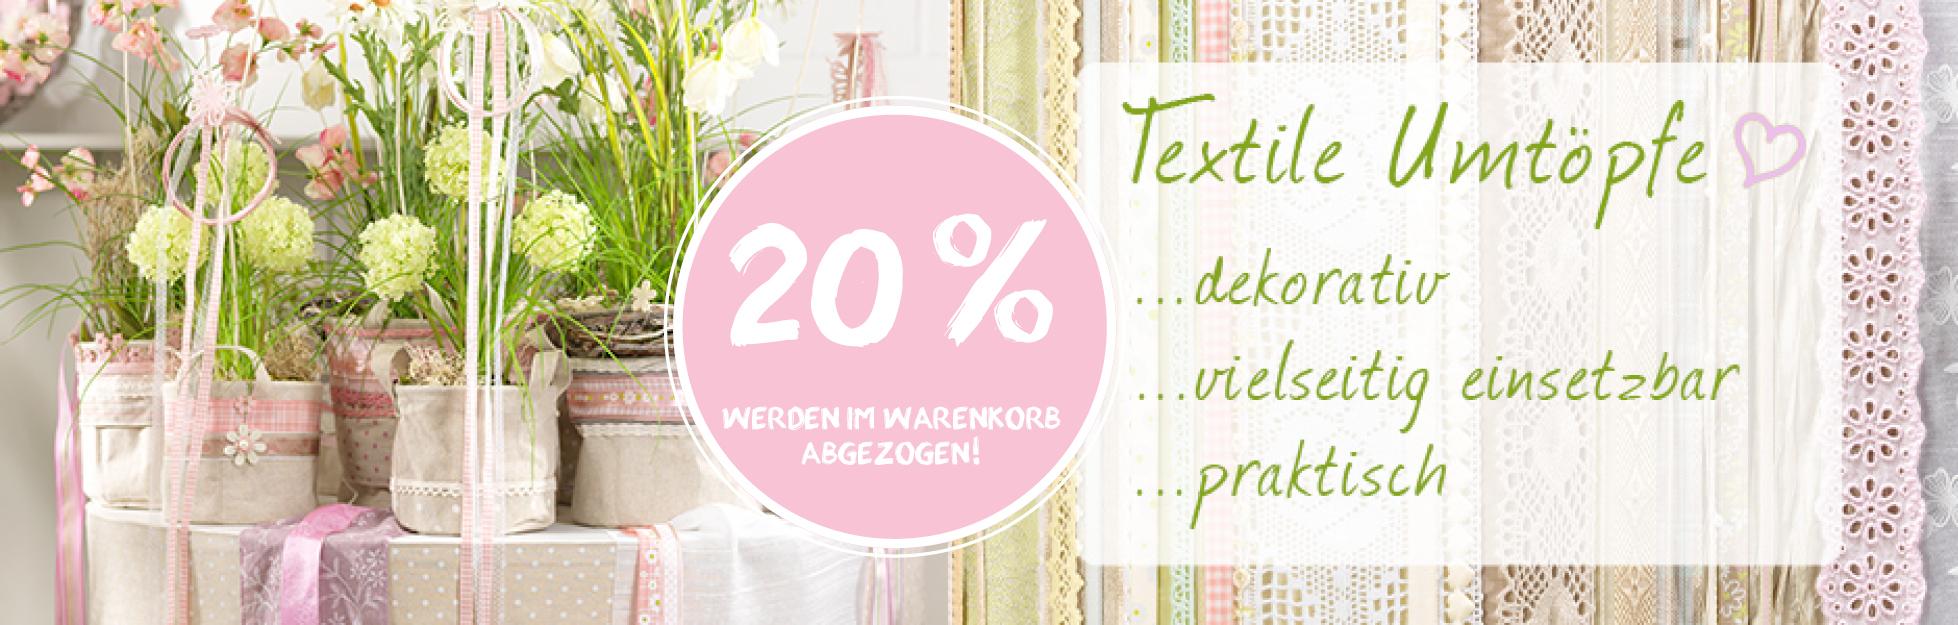 20% Rabatt Textile Töpfe